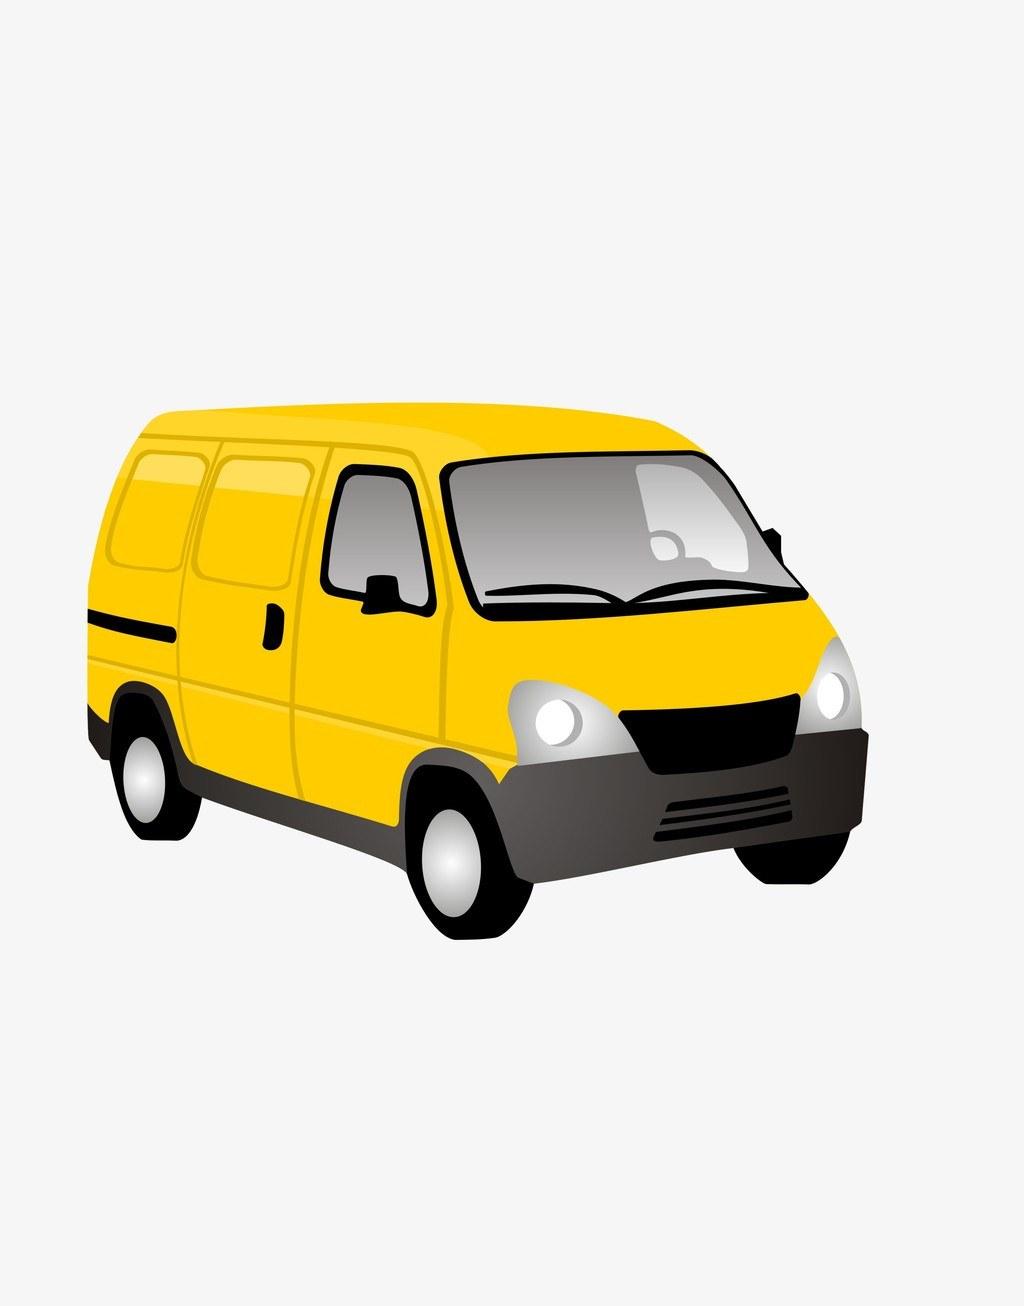 墨尔本小型搬家 FROM only 40澳元 留学生行李搬运 Van 提供一口价 绝无隐藏收费 诚信第一